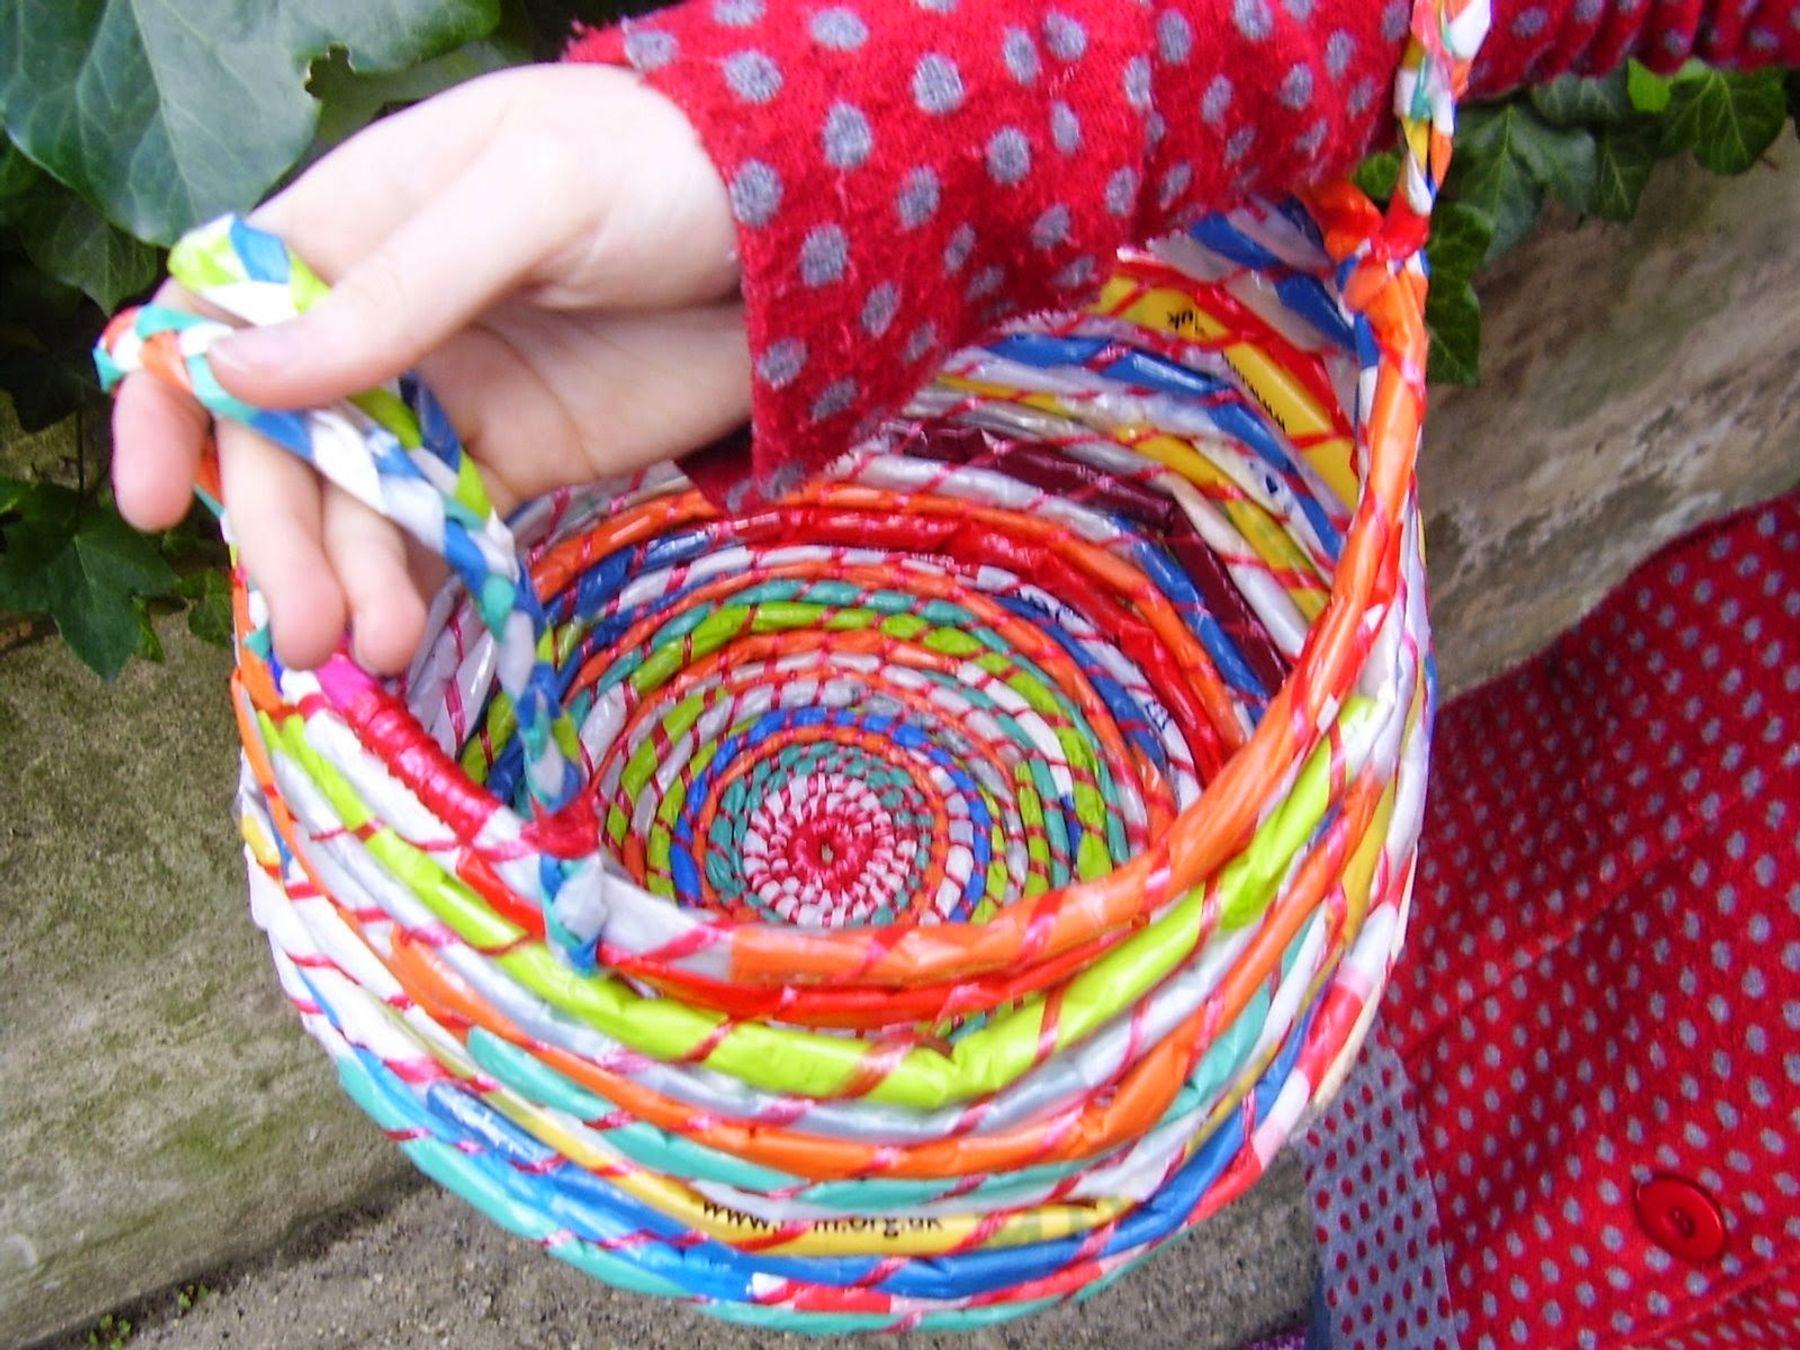 Làm túi đựng thực phẩm, bao tay...sáng tạo từ túi ni lông